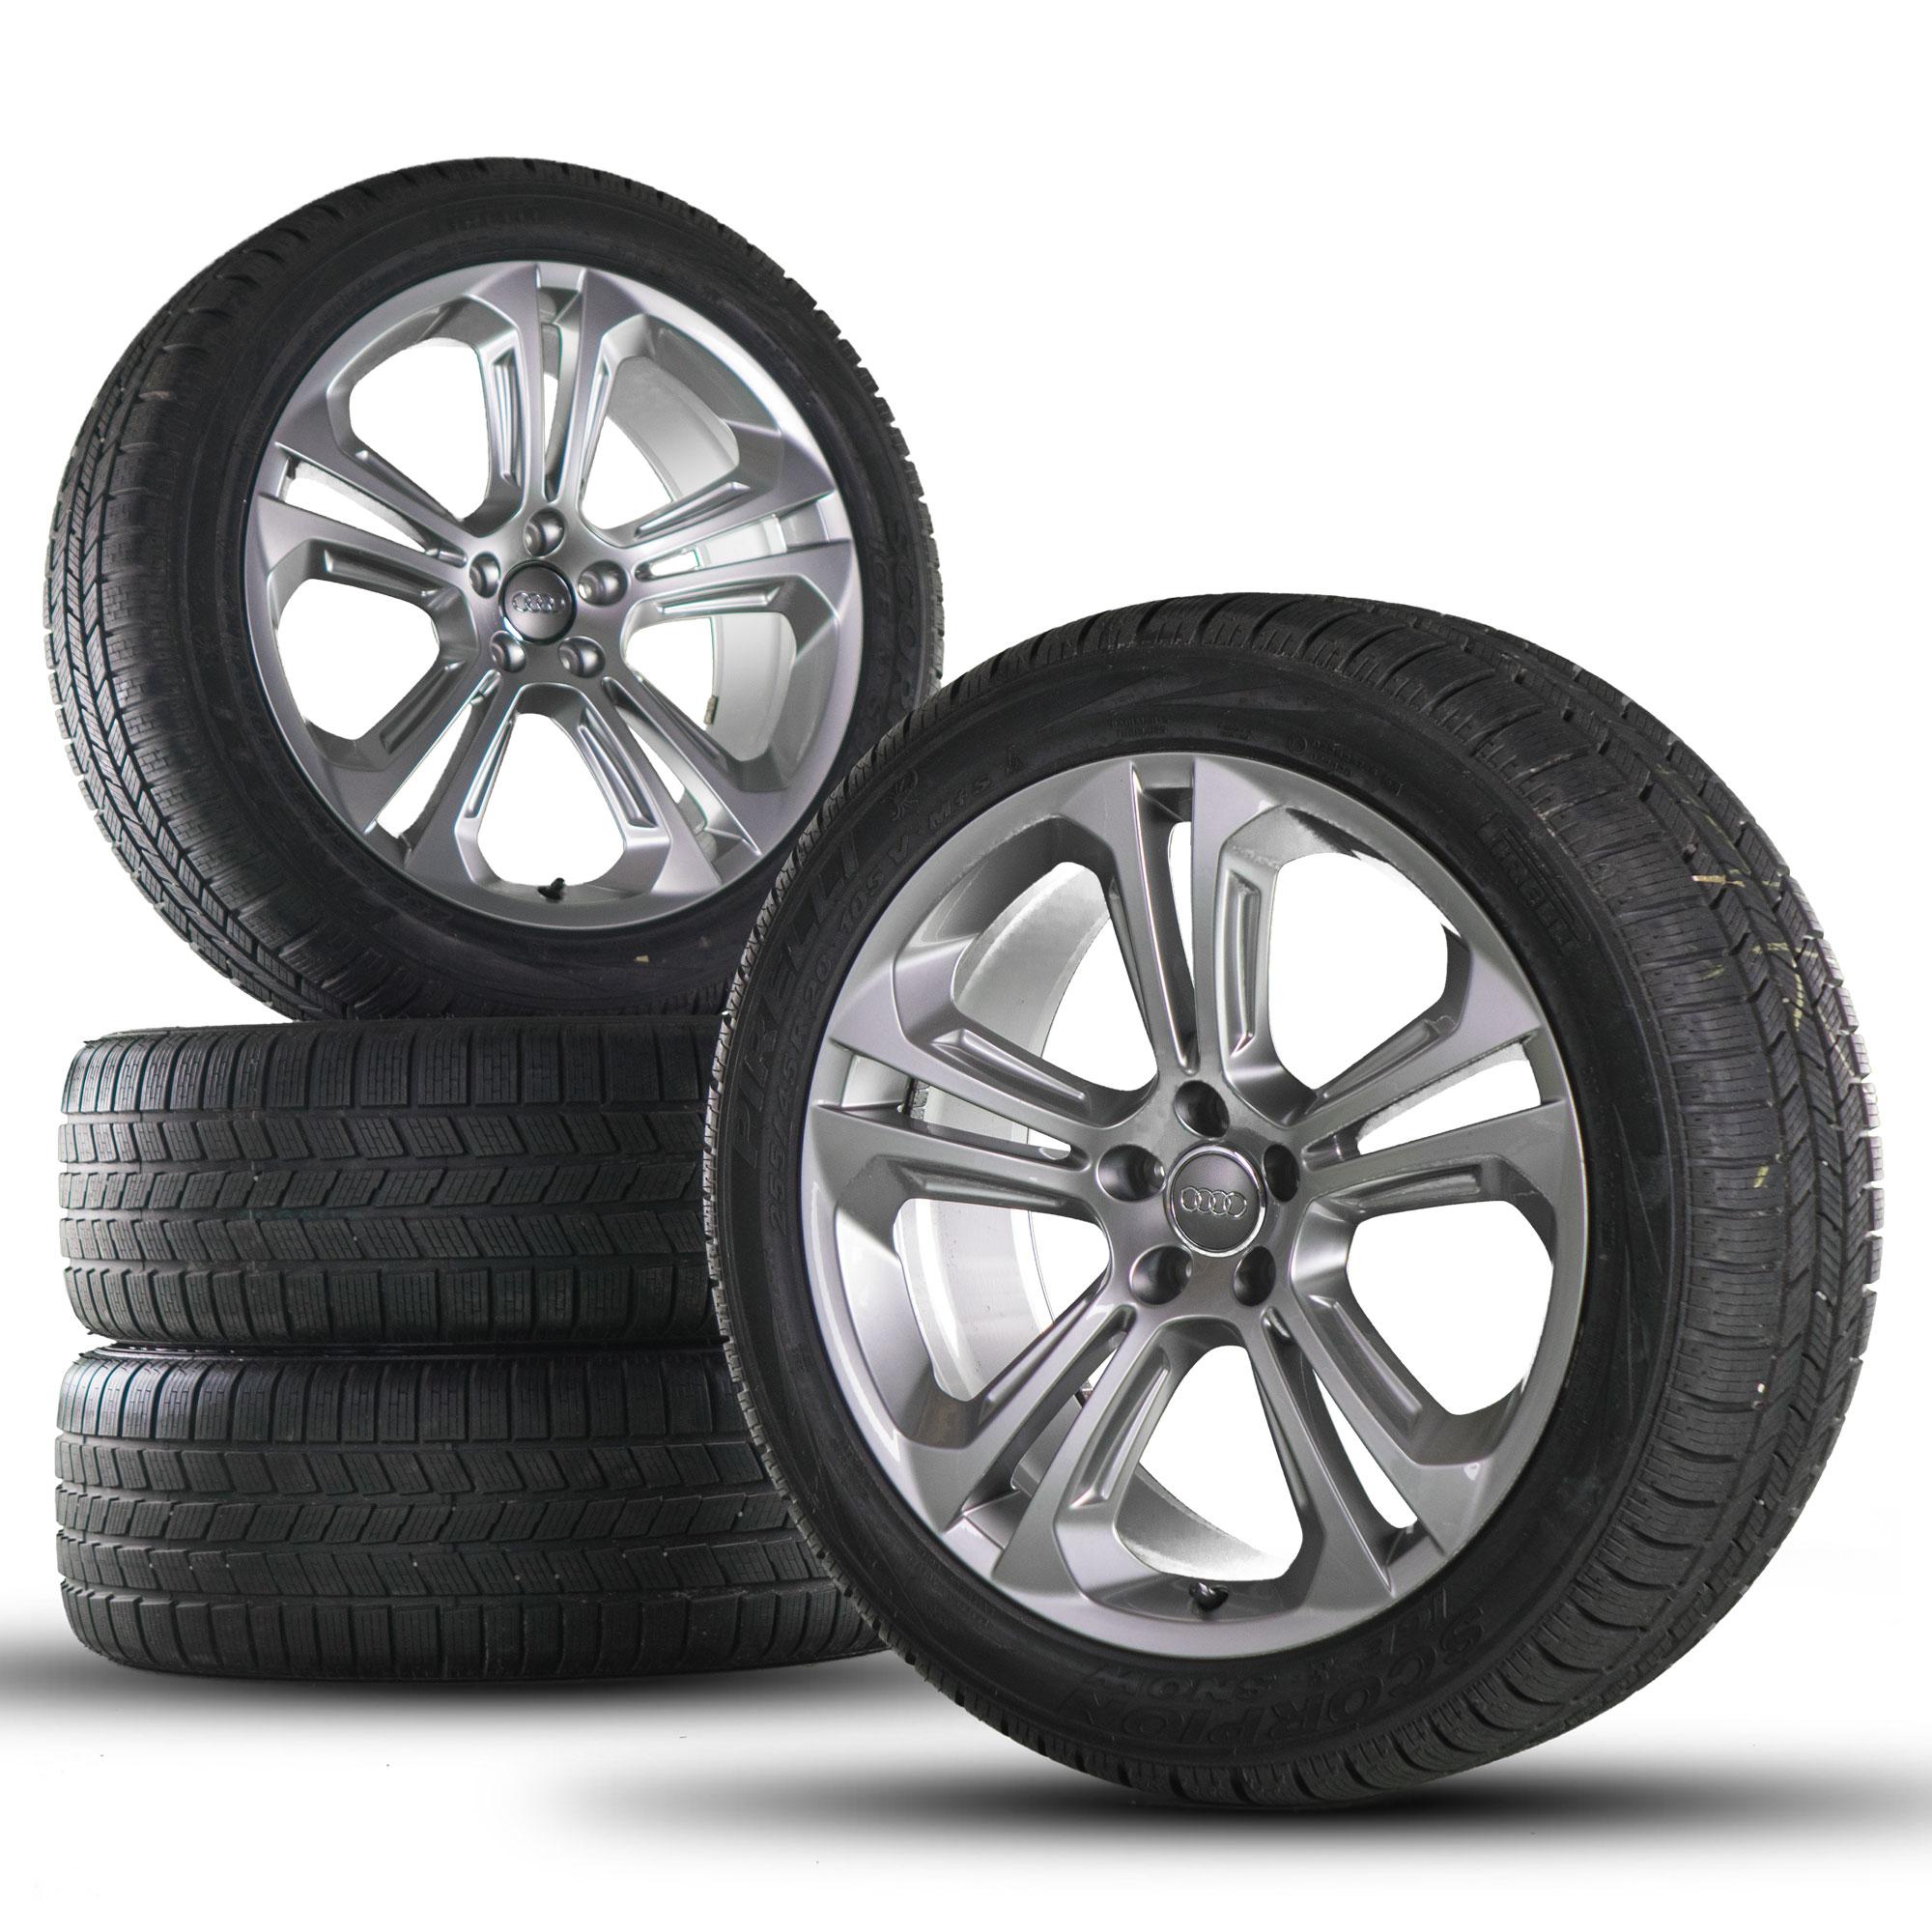 audi q5 sq5 8r jantes en alliage 20 pouces pneus d 39 hiver roues s line ebay. Black Bedroom Furniture Sets. Home Design Ideas